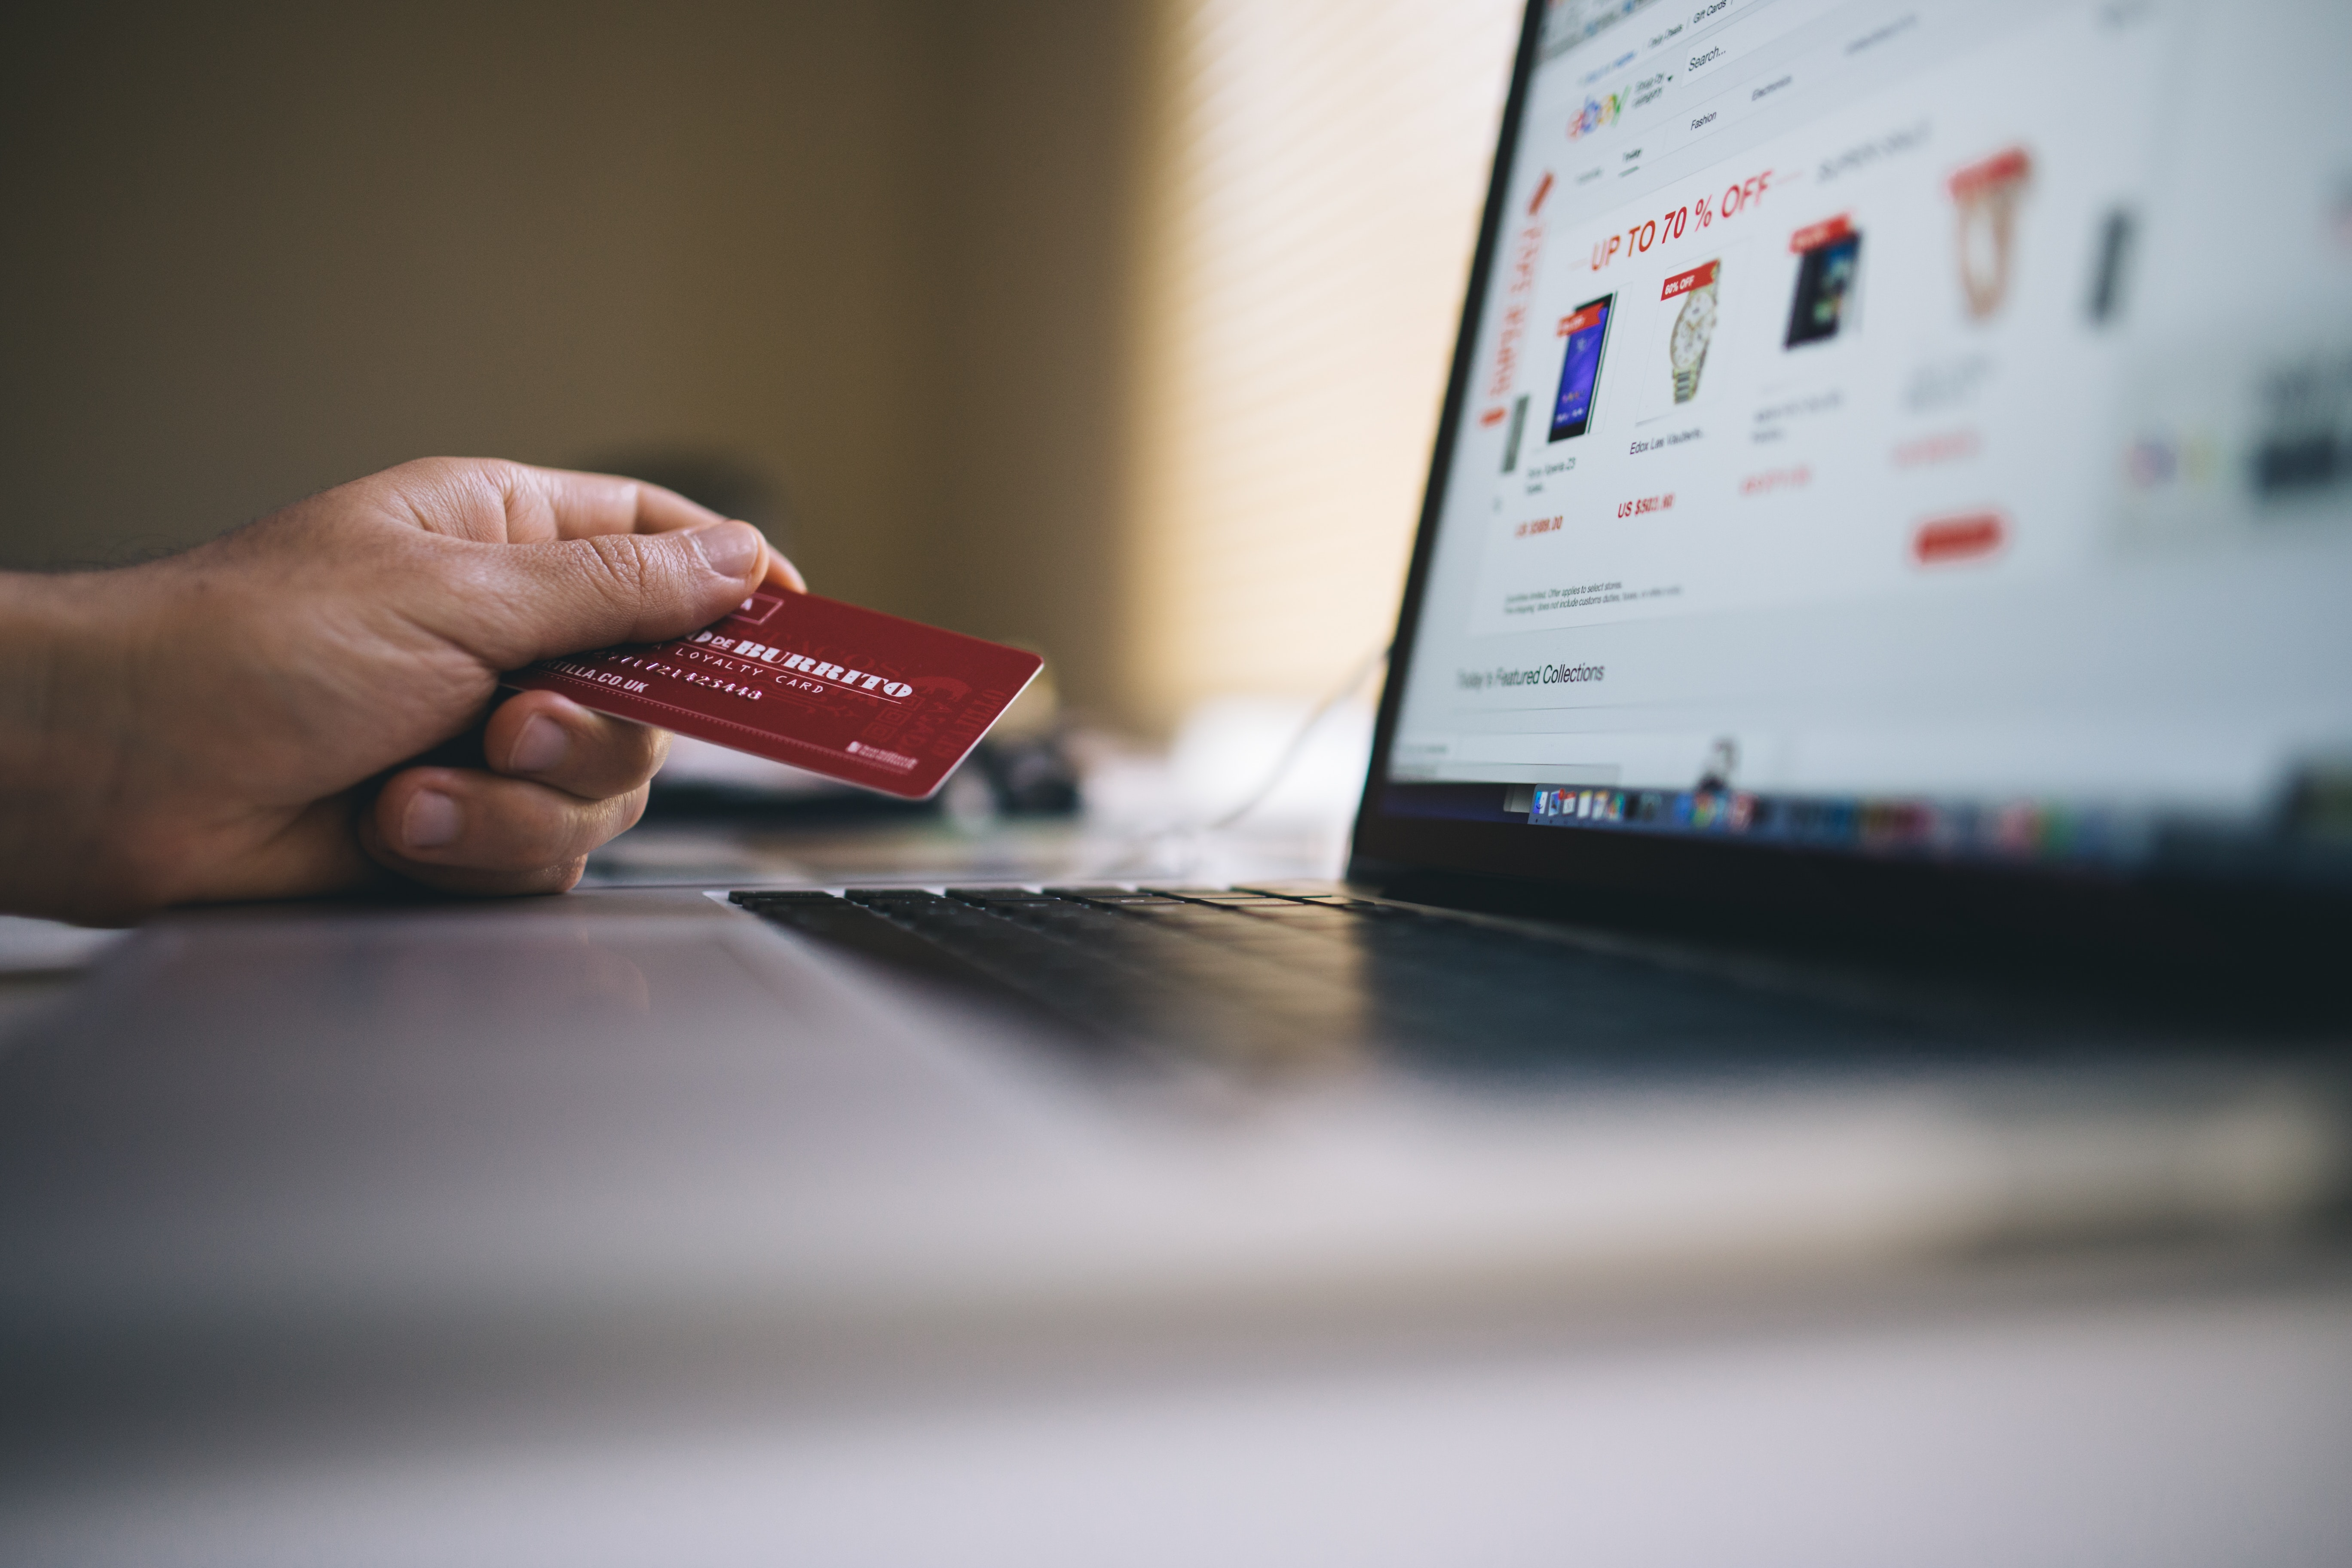 Le digital en grande distribution : portrait et pratiques des consommateurs connectés, en ligne et en magasin image